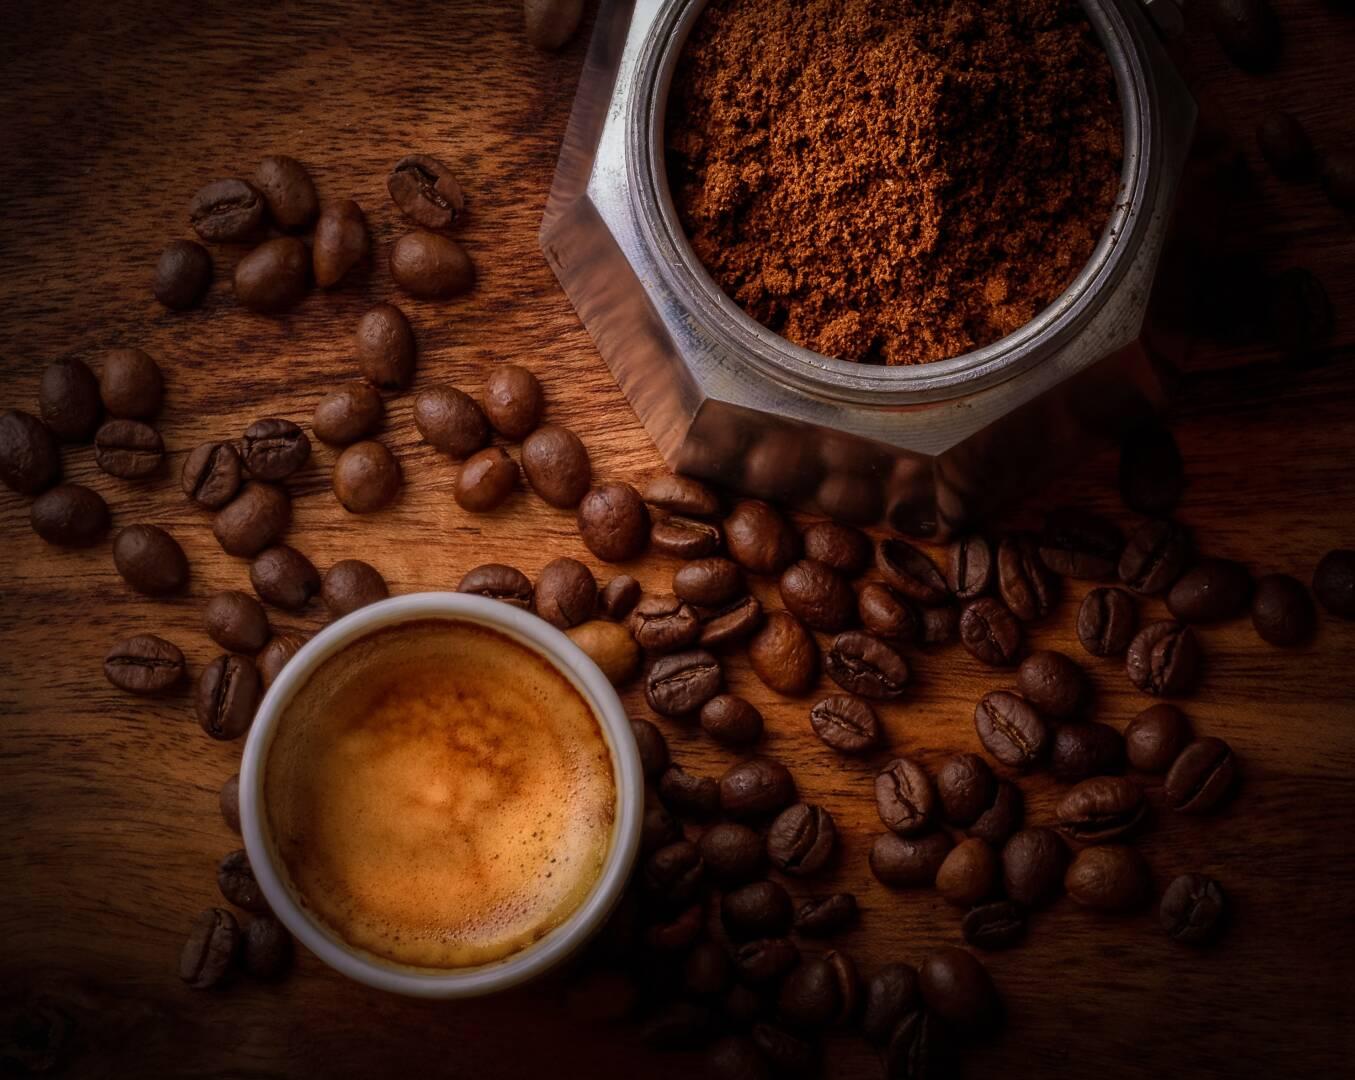 Kафе и напитки